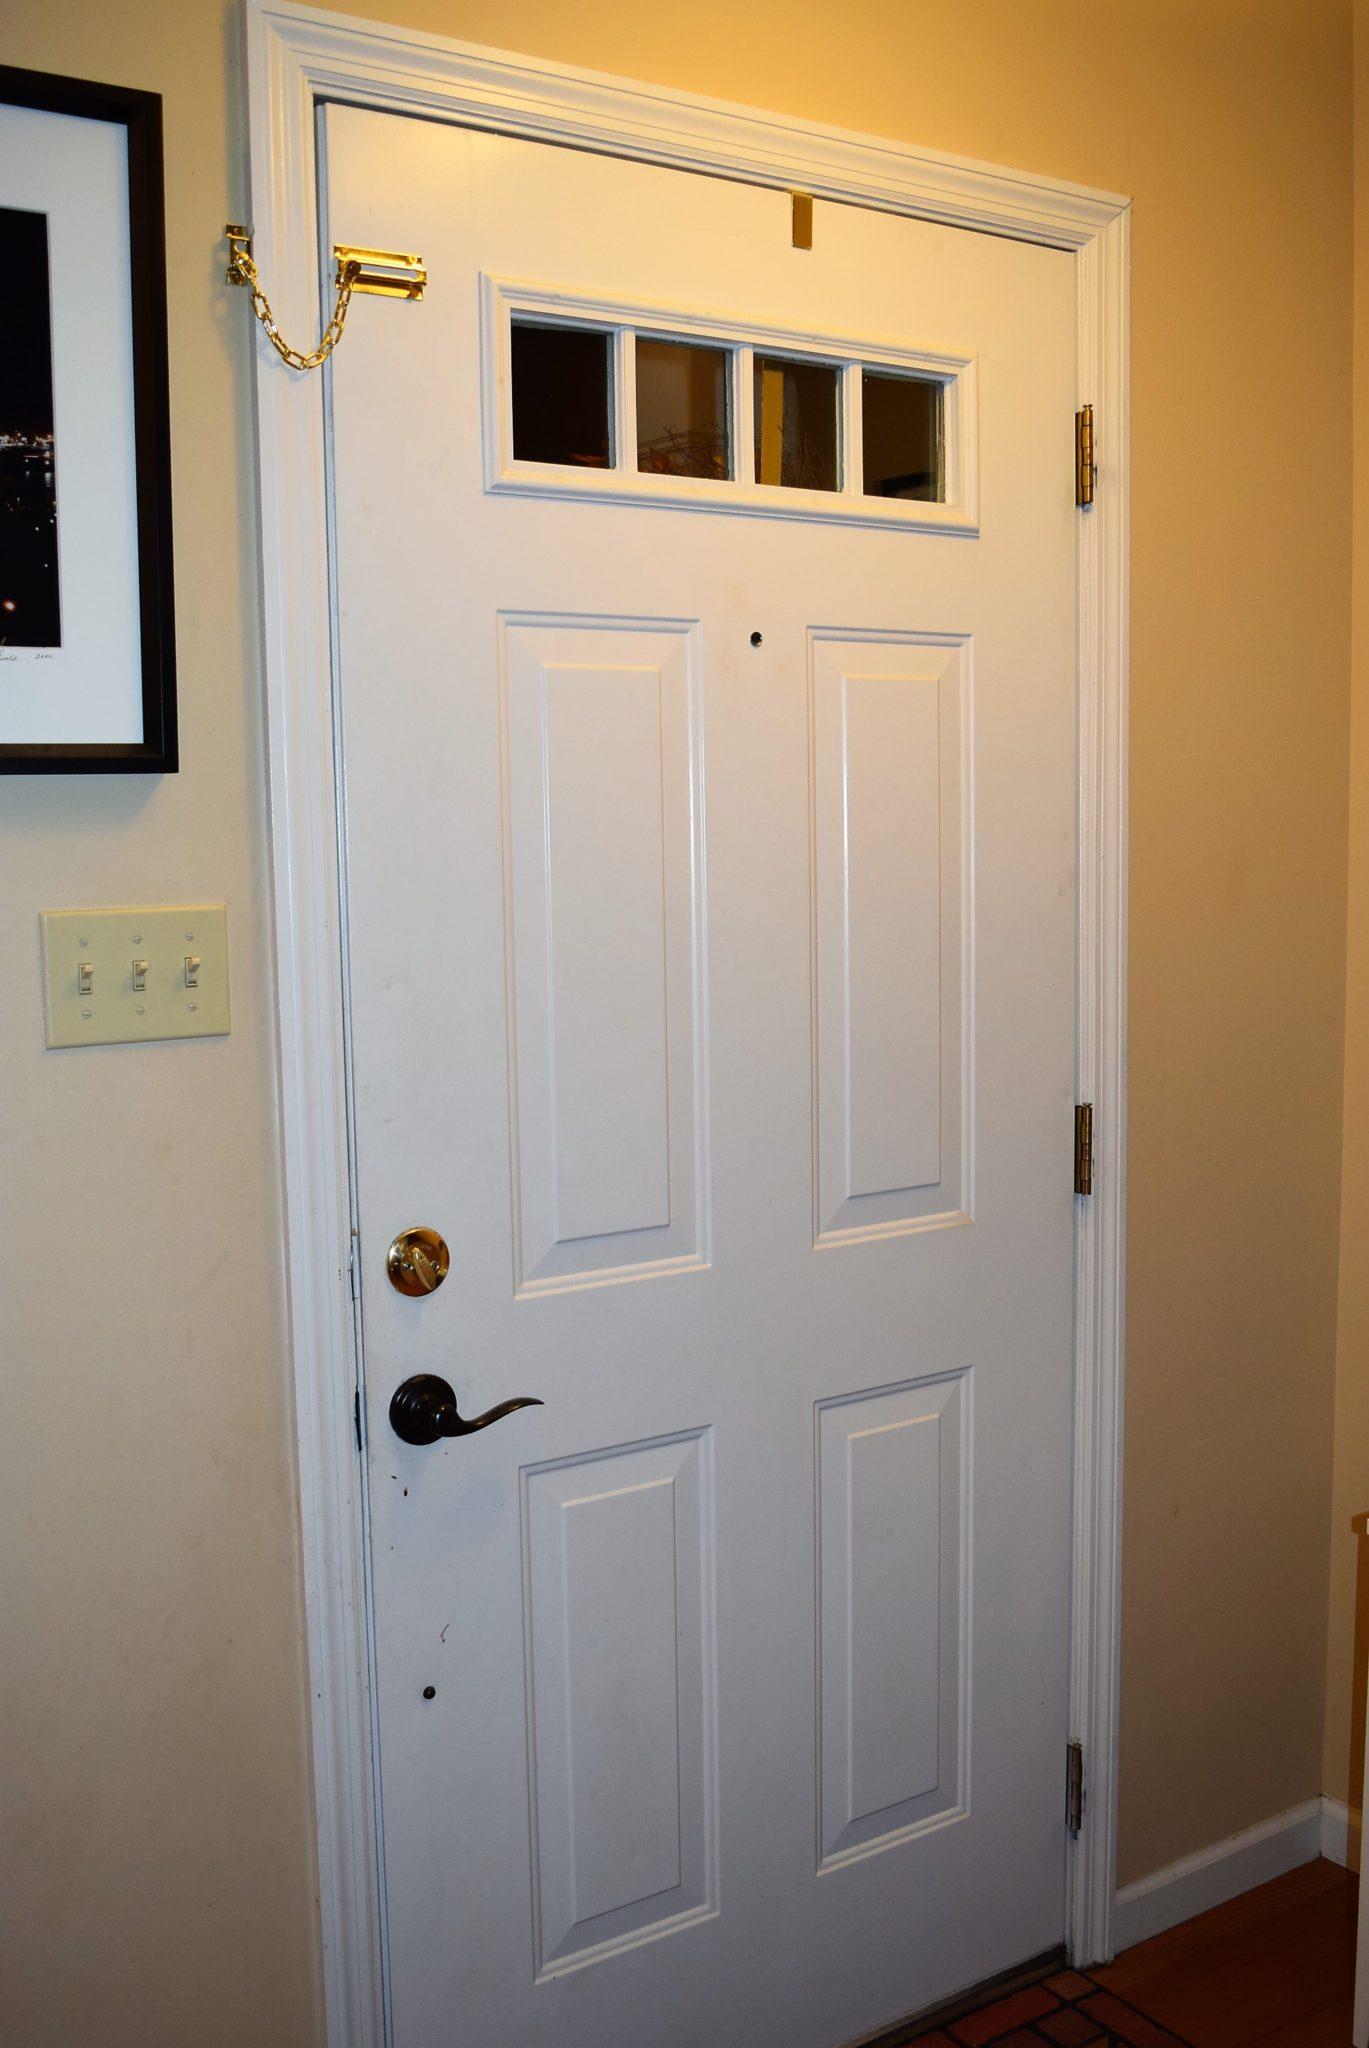 Beau Baby Proof Doors, Baby Proof Front Door, Baby Proof Outside Door, Childproof  Doors, Childproofing, Baby Proofing